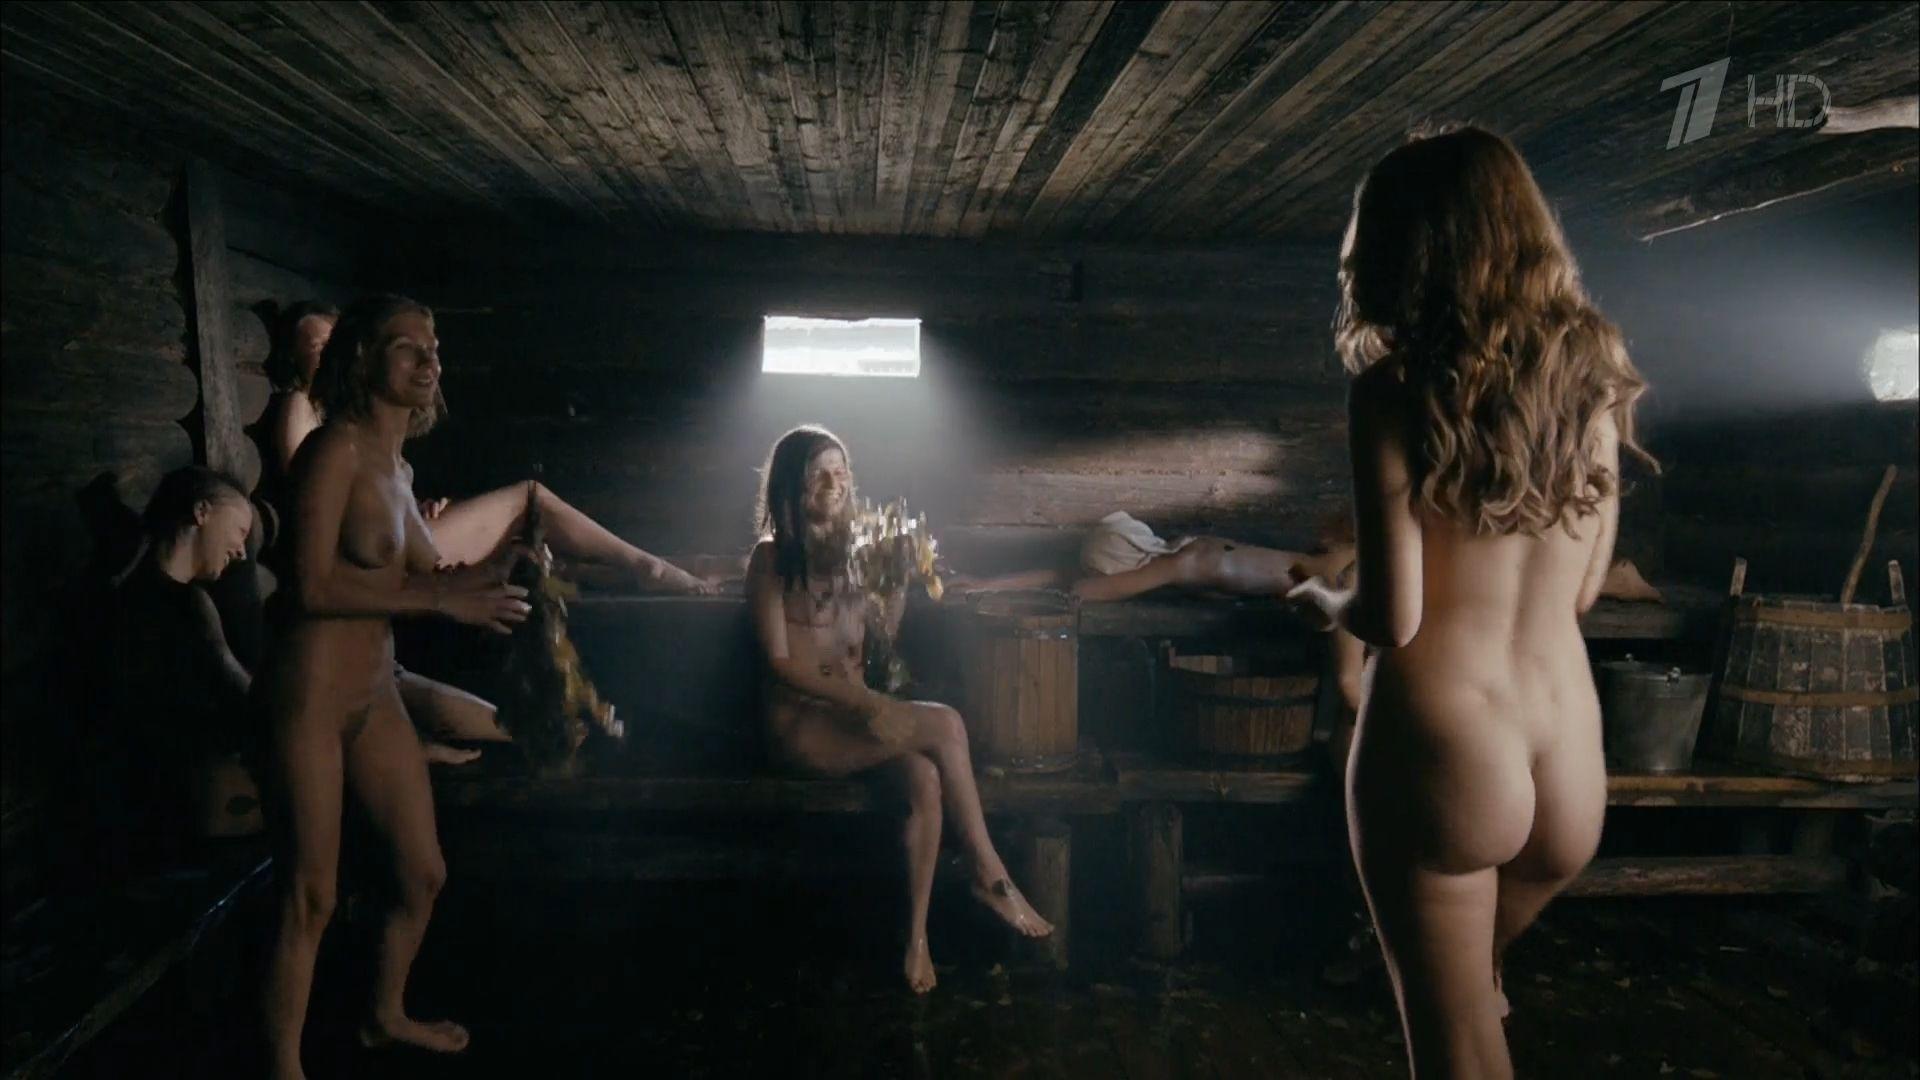 Эротические фотки россия, Фото голых русских девушек - красивая эротика 3 фотография